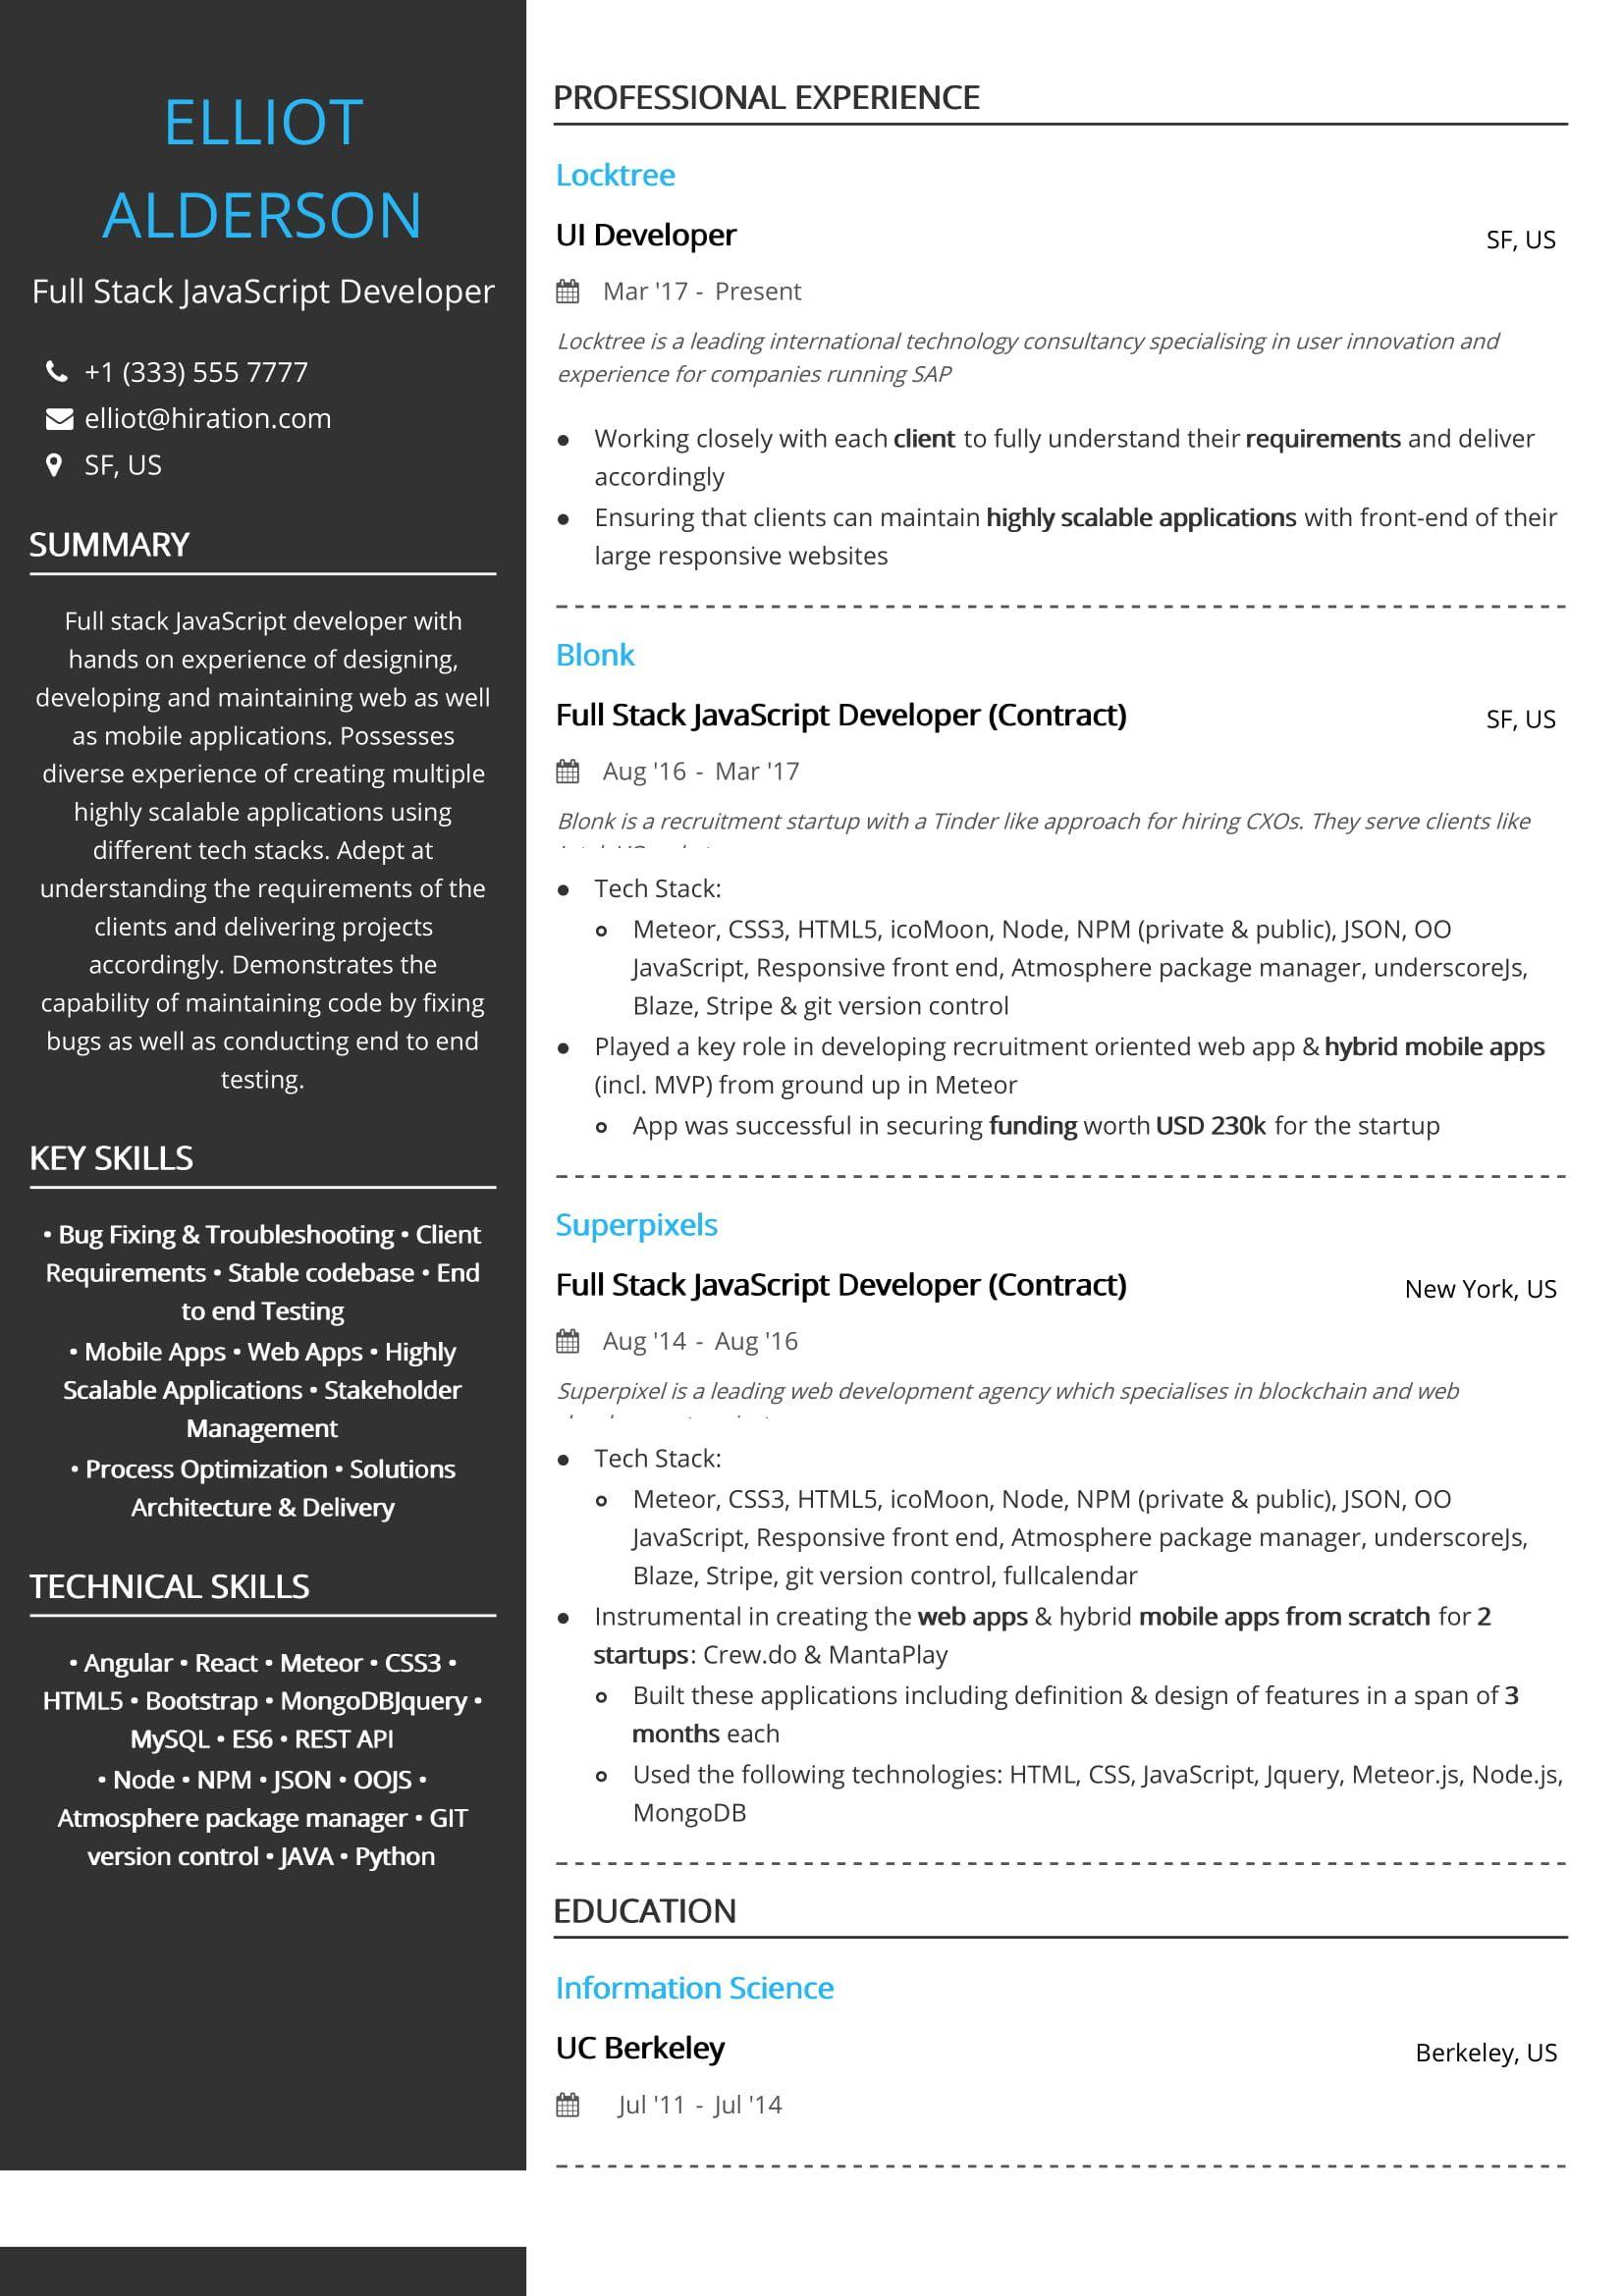 ELLIOT_ALDERSON_Full-stack_JavaScript_Developer-1